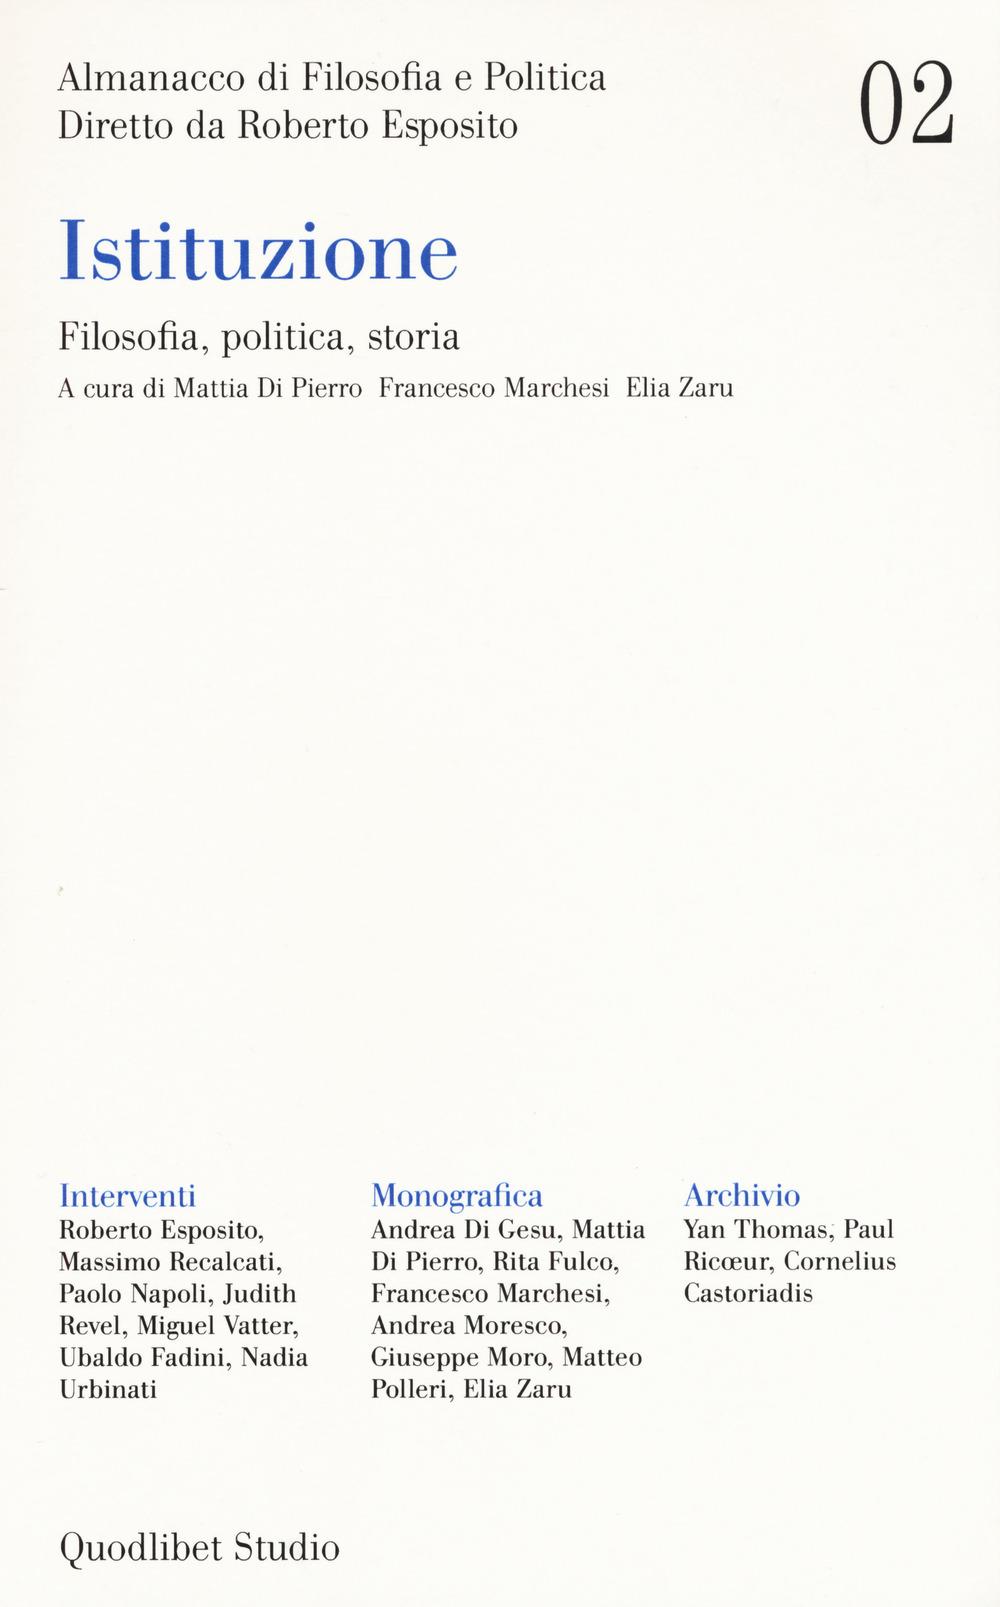 ALMANACCO DI FILOSOFIA E POLITICA (2020) - 9788822904379